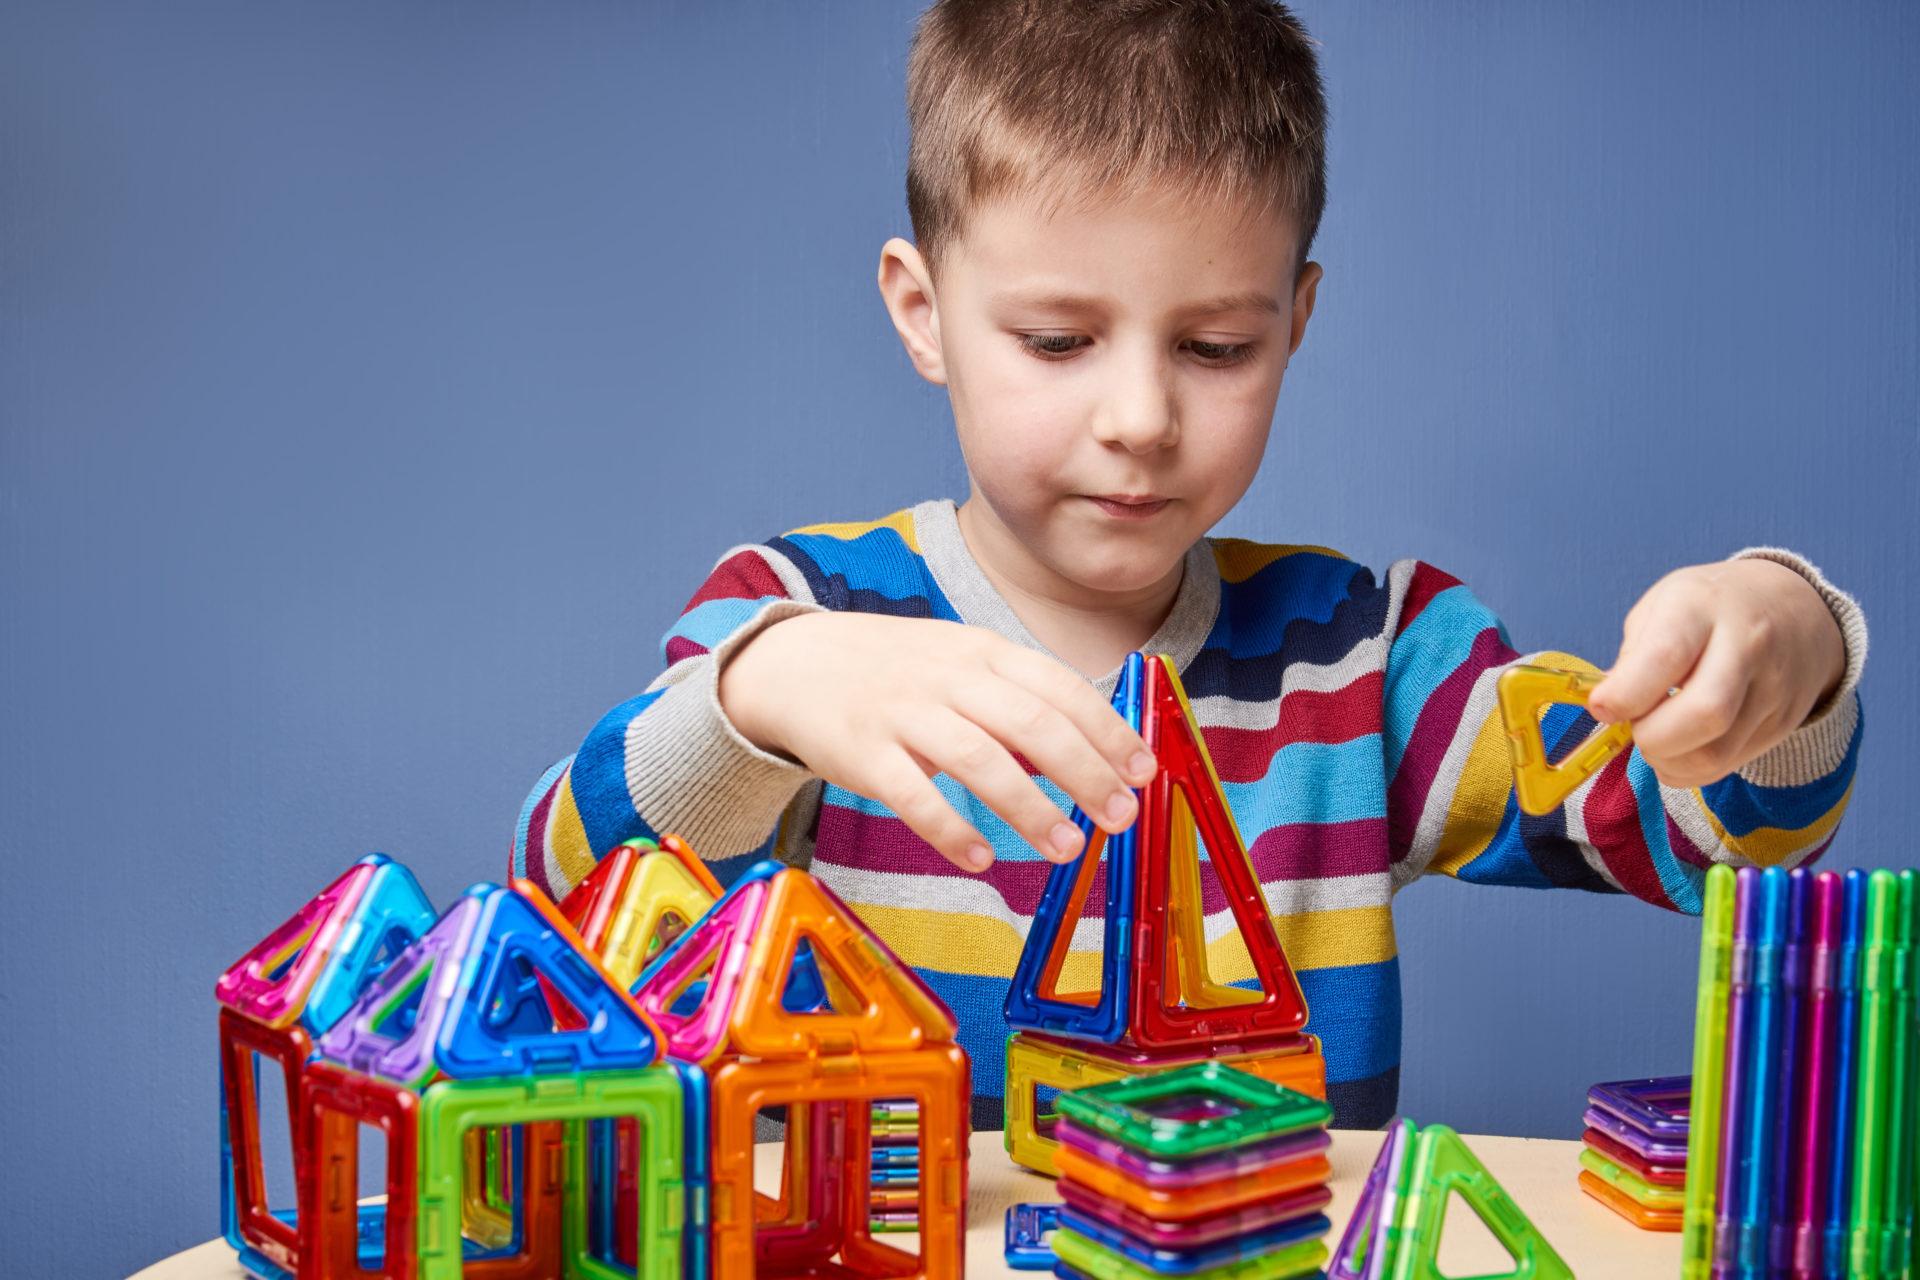 Idées Cadeau Anniversaire Garçon De 6 Ans, 7 Ans, 8 Ans, 9 avec Jeux Educatif 5 6 Ans